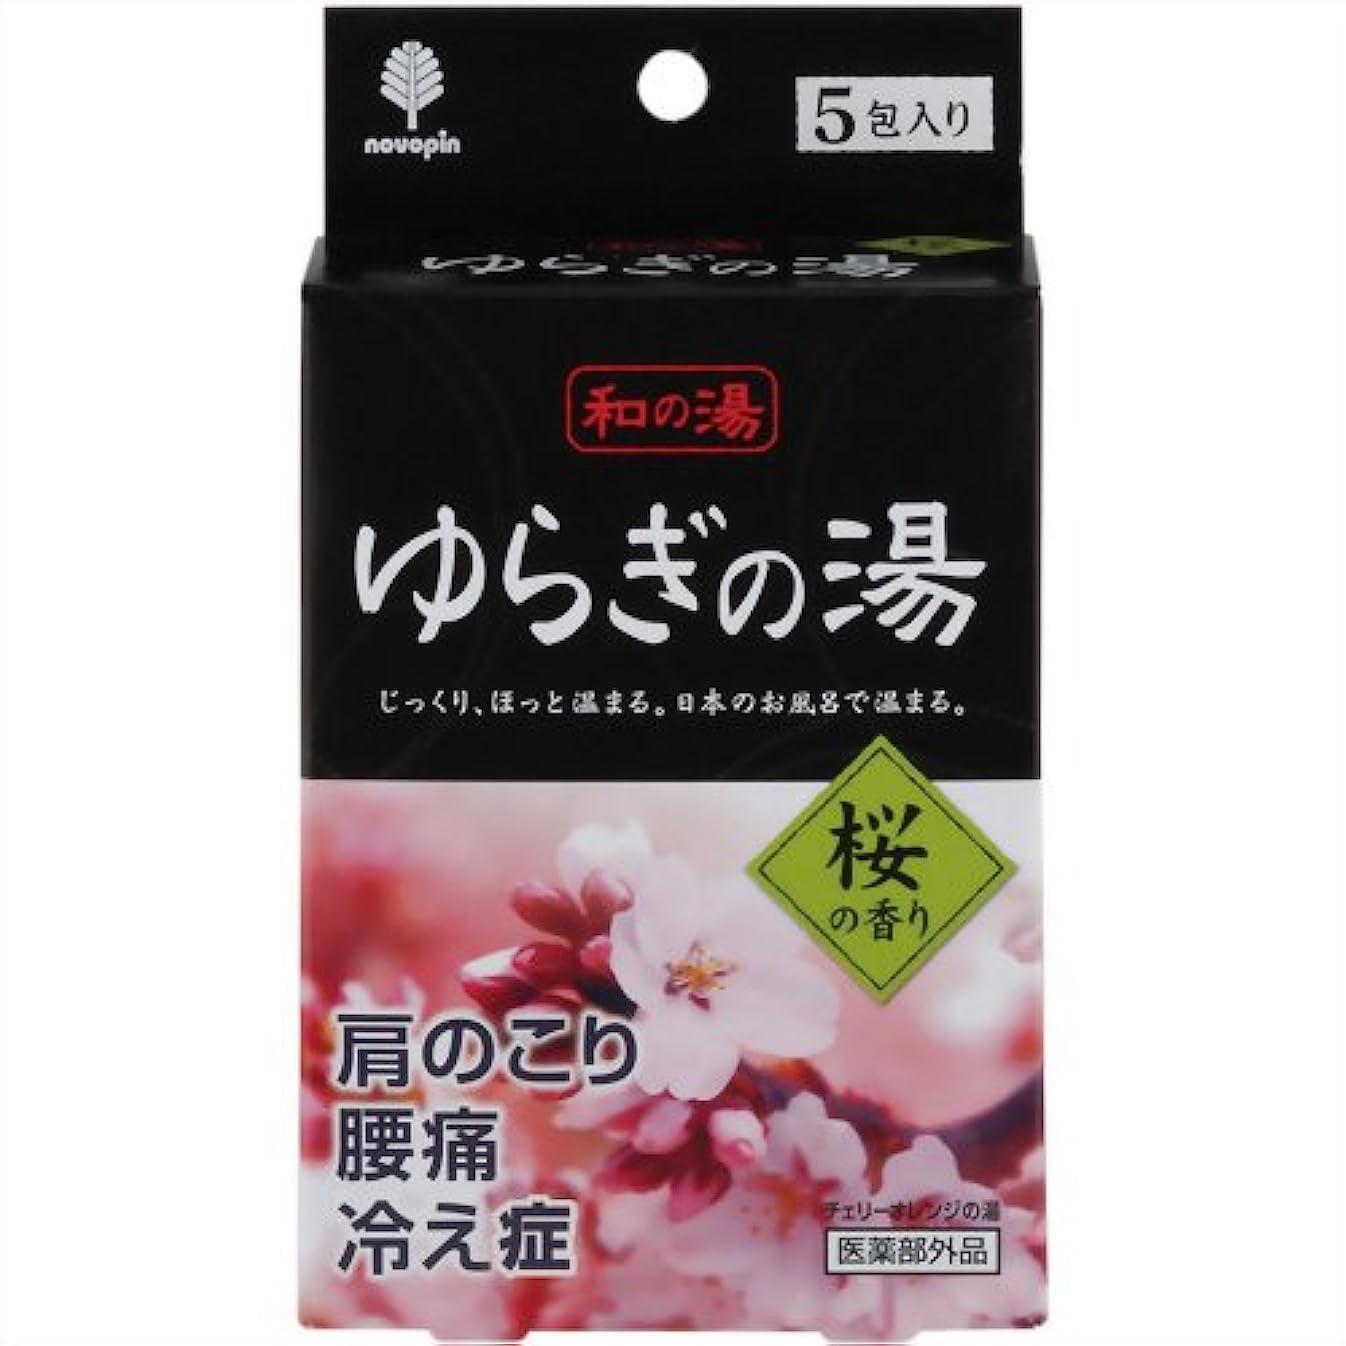 自己良さ路面電車和の湯 ゆらぎの湯 桜の香り